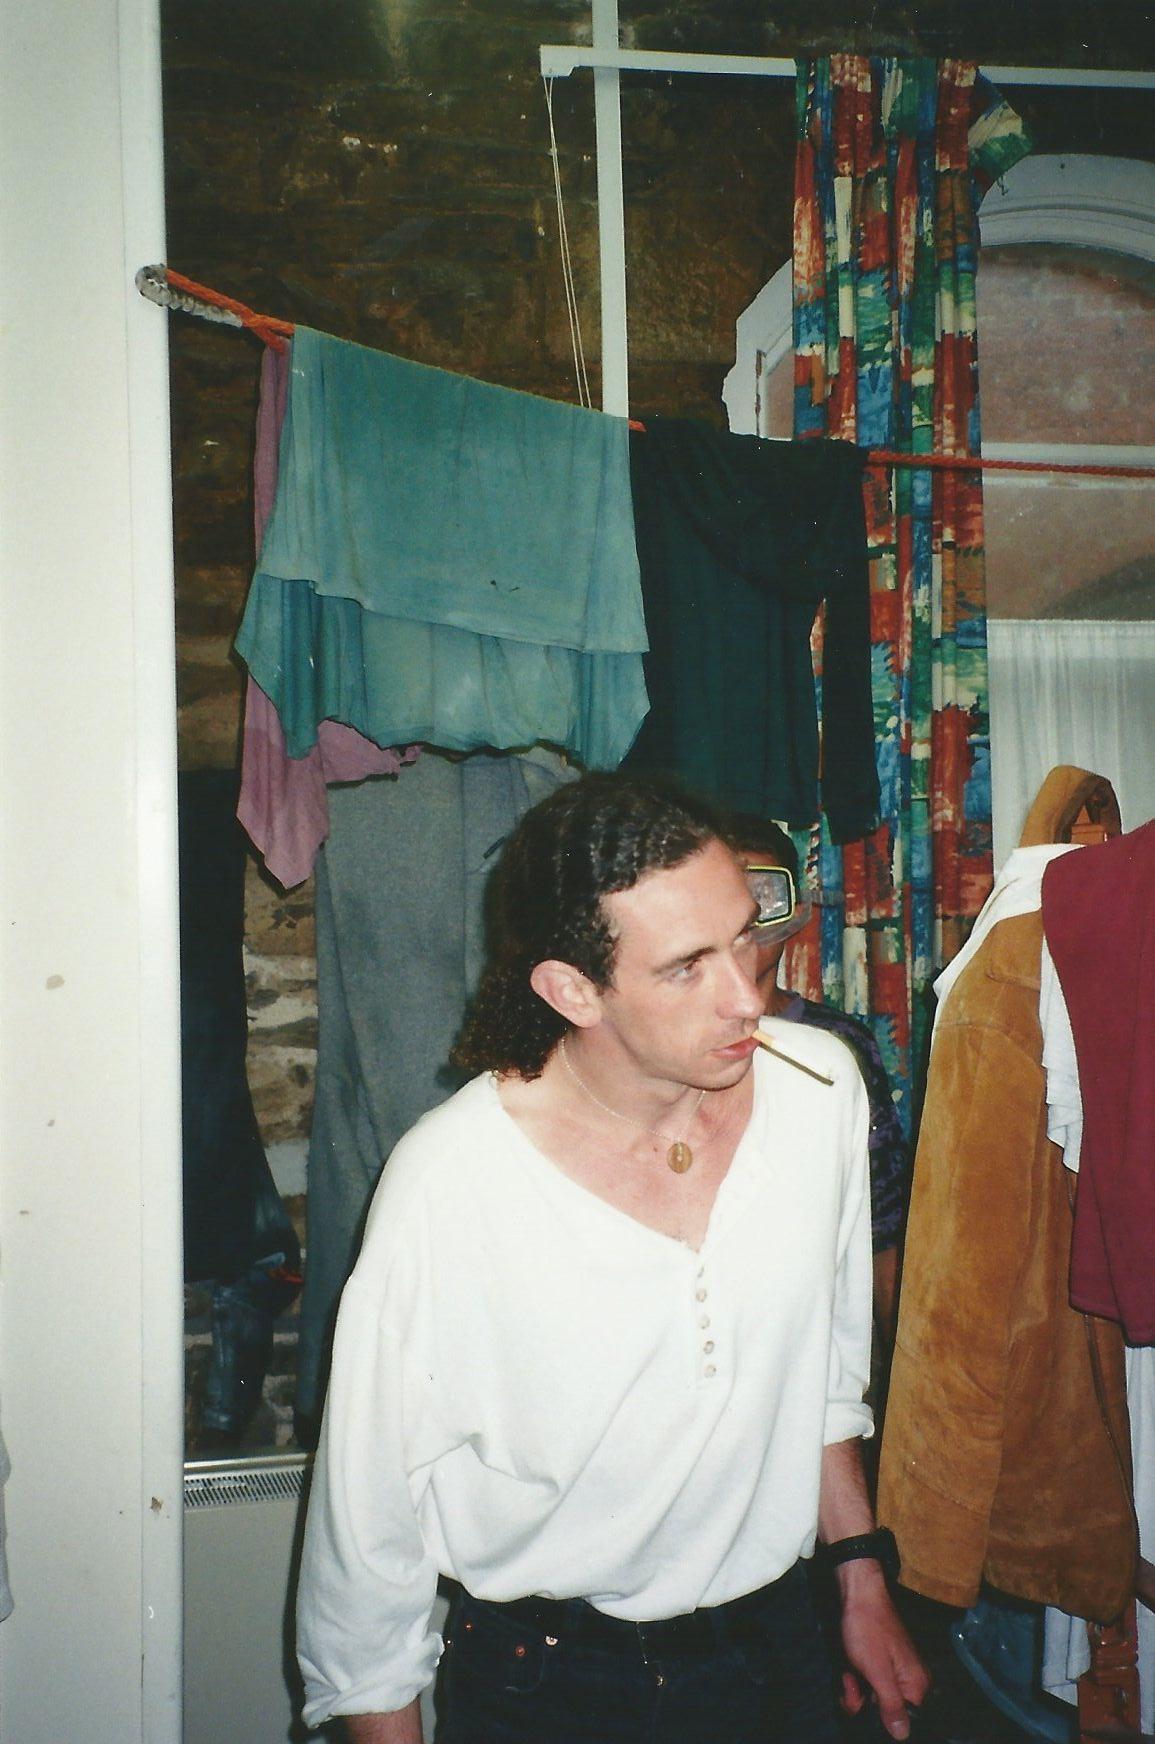 BovisandPOP-SepOkt1997-026.jpg